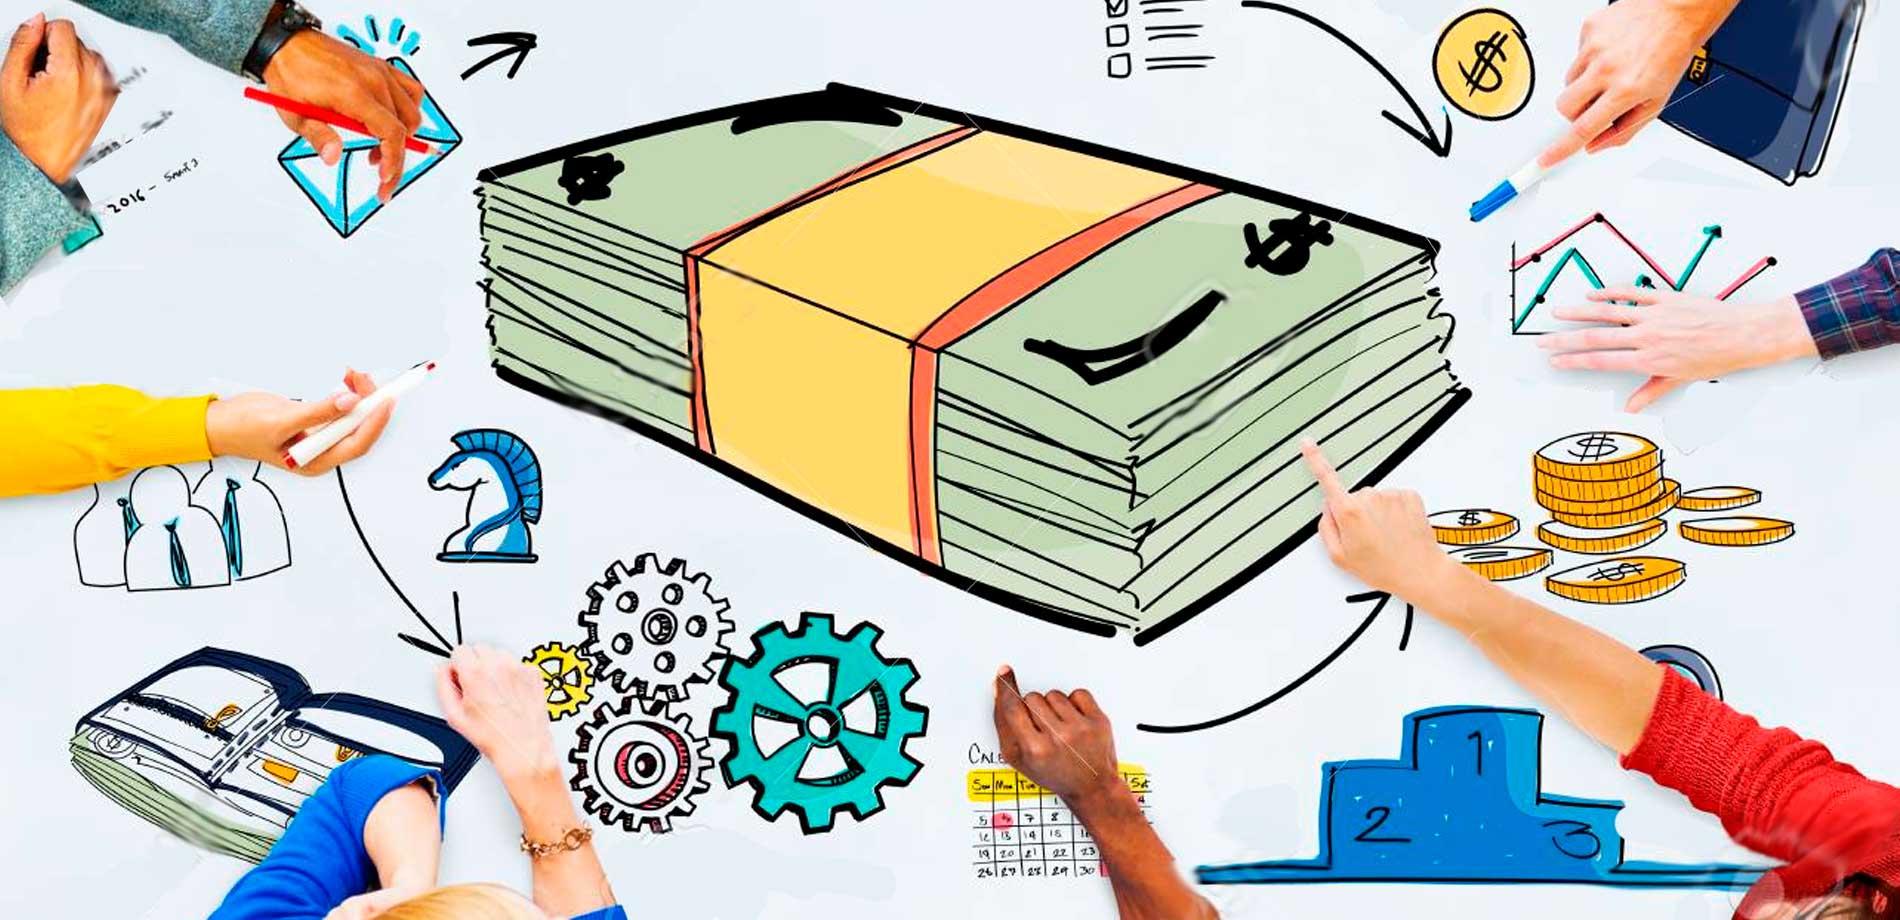 Dicas para planejar o orçamento de Marketing Digital da sua empresa para o próximo ano